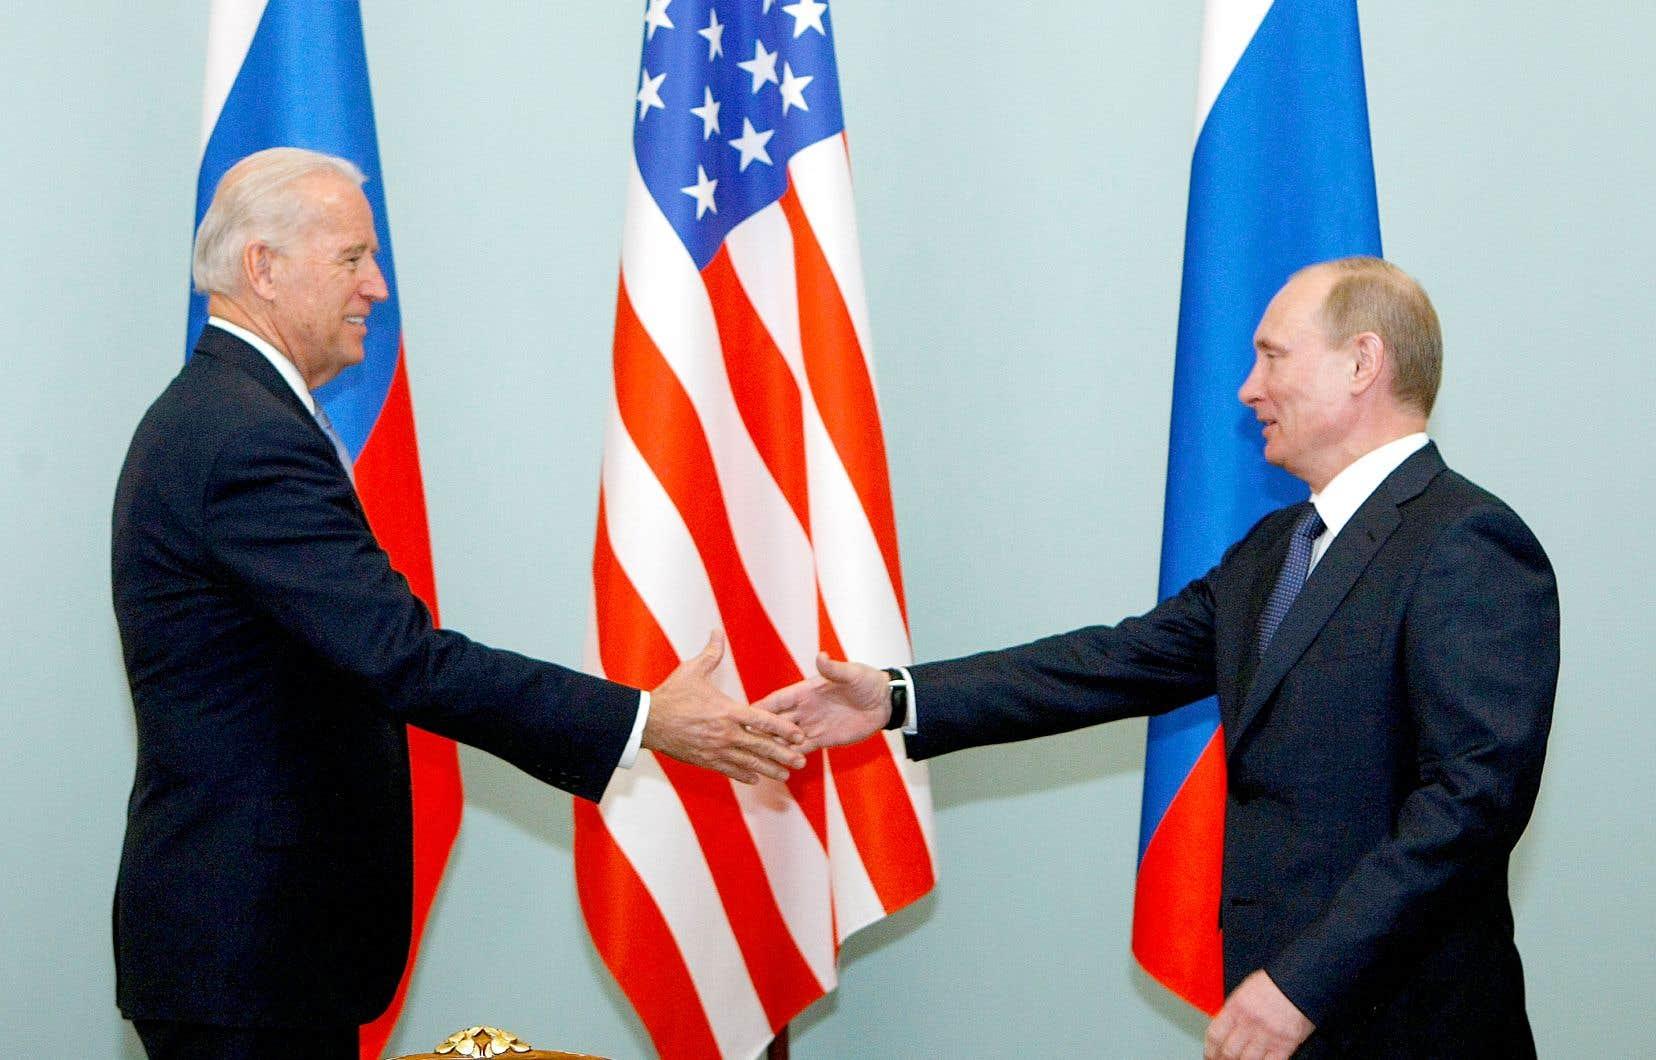 Joe Biden et Vladimir Poutine, lors d'une rencontre en 2011. M. Biden était alors vice-président américain.